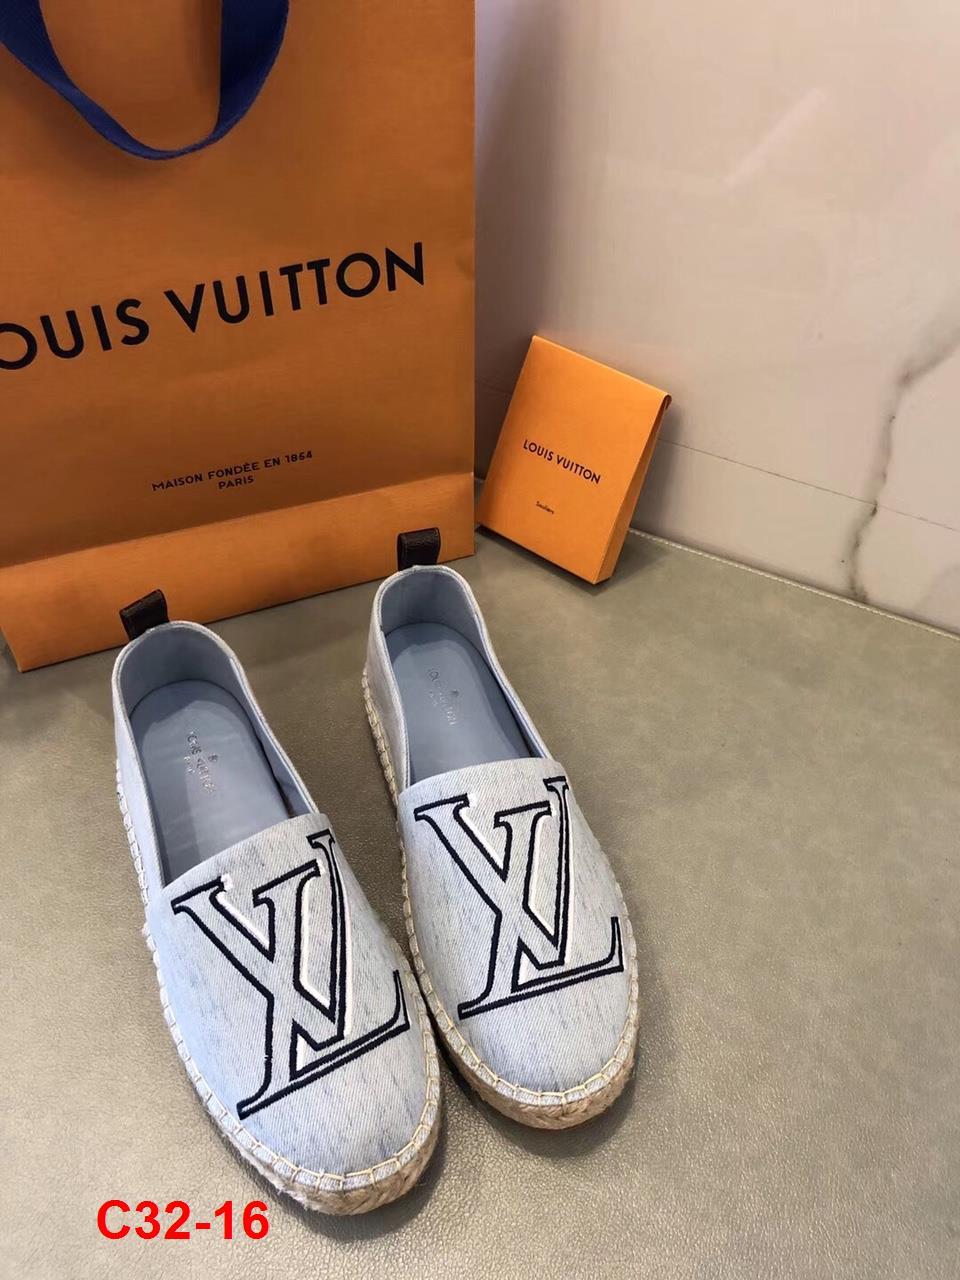 C32-16 Louis Vuitton giày lười siêu cấp